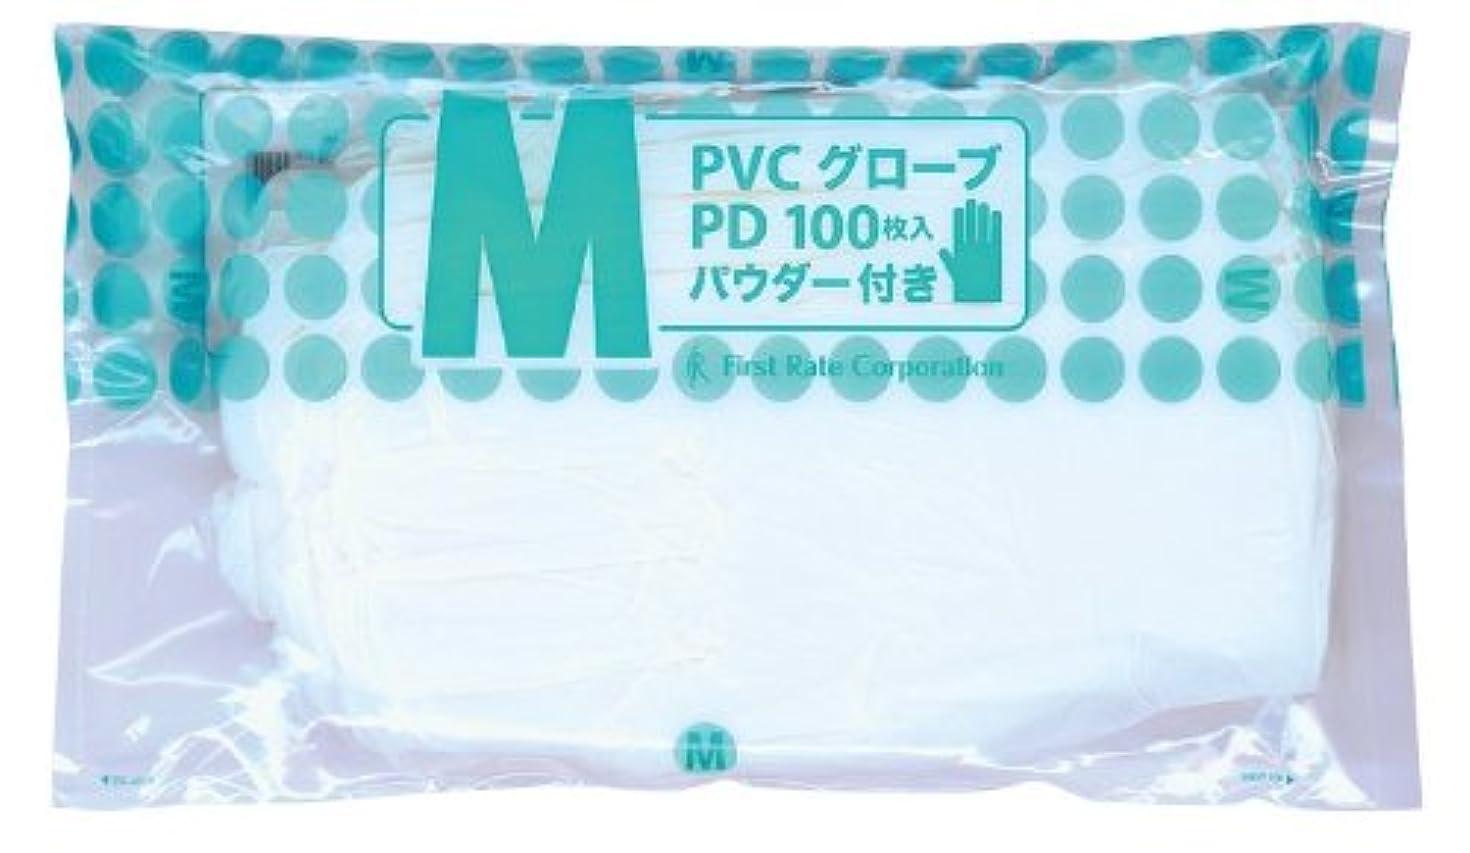 案件無礼にコウモリファーストレイト PVCグローブ PD(ポリバック仕様 FR-922(M)100マイイリ